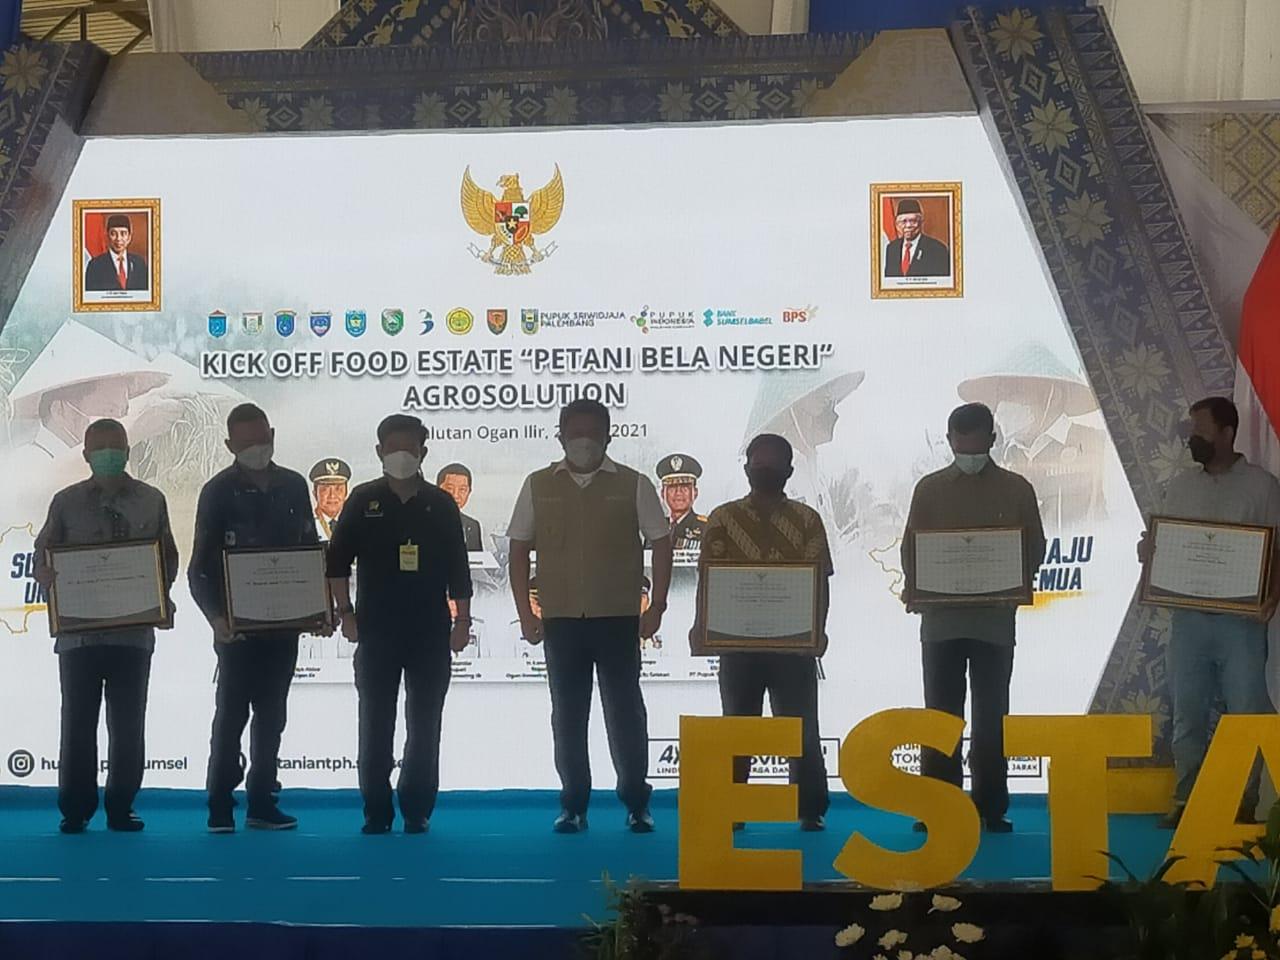 PT BPS Tbk Mendapatkan Penghargaan Pada Kick Of Food Estate oleh Menteri Pertanian RI Dan Gubernur Sumsel